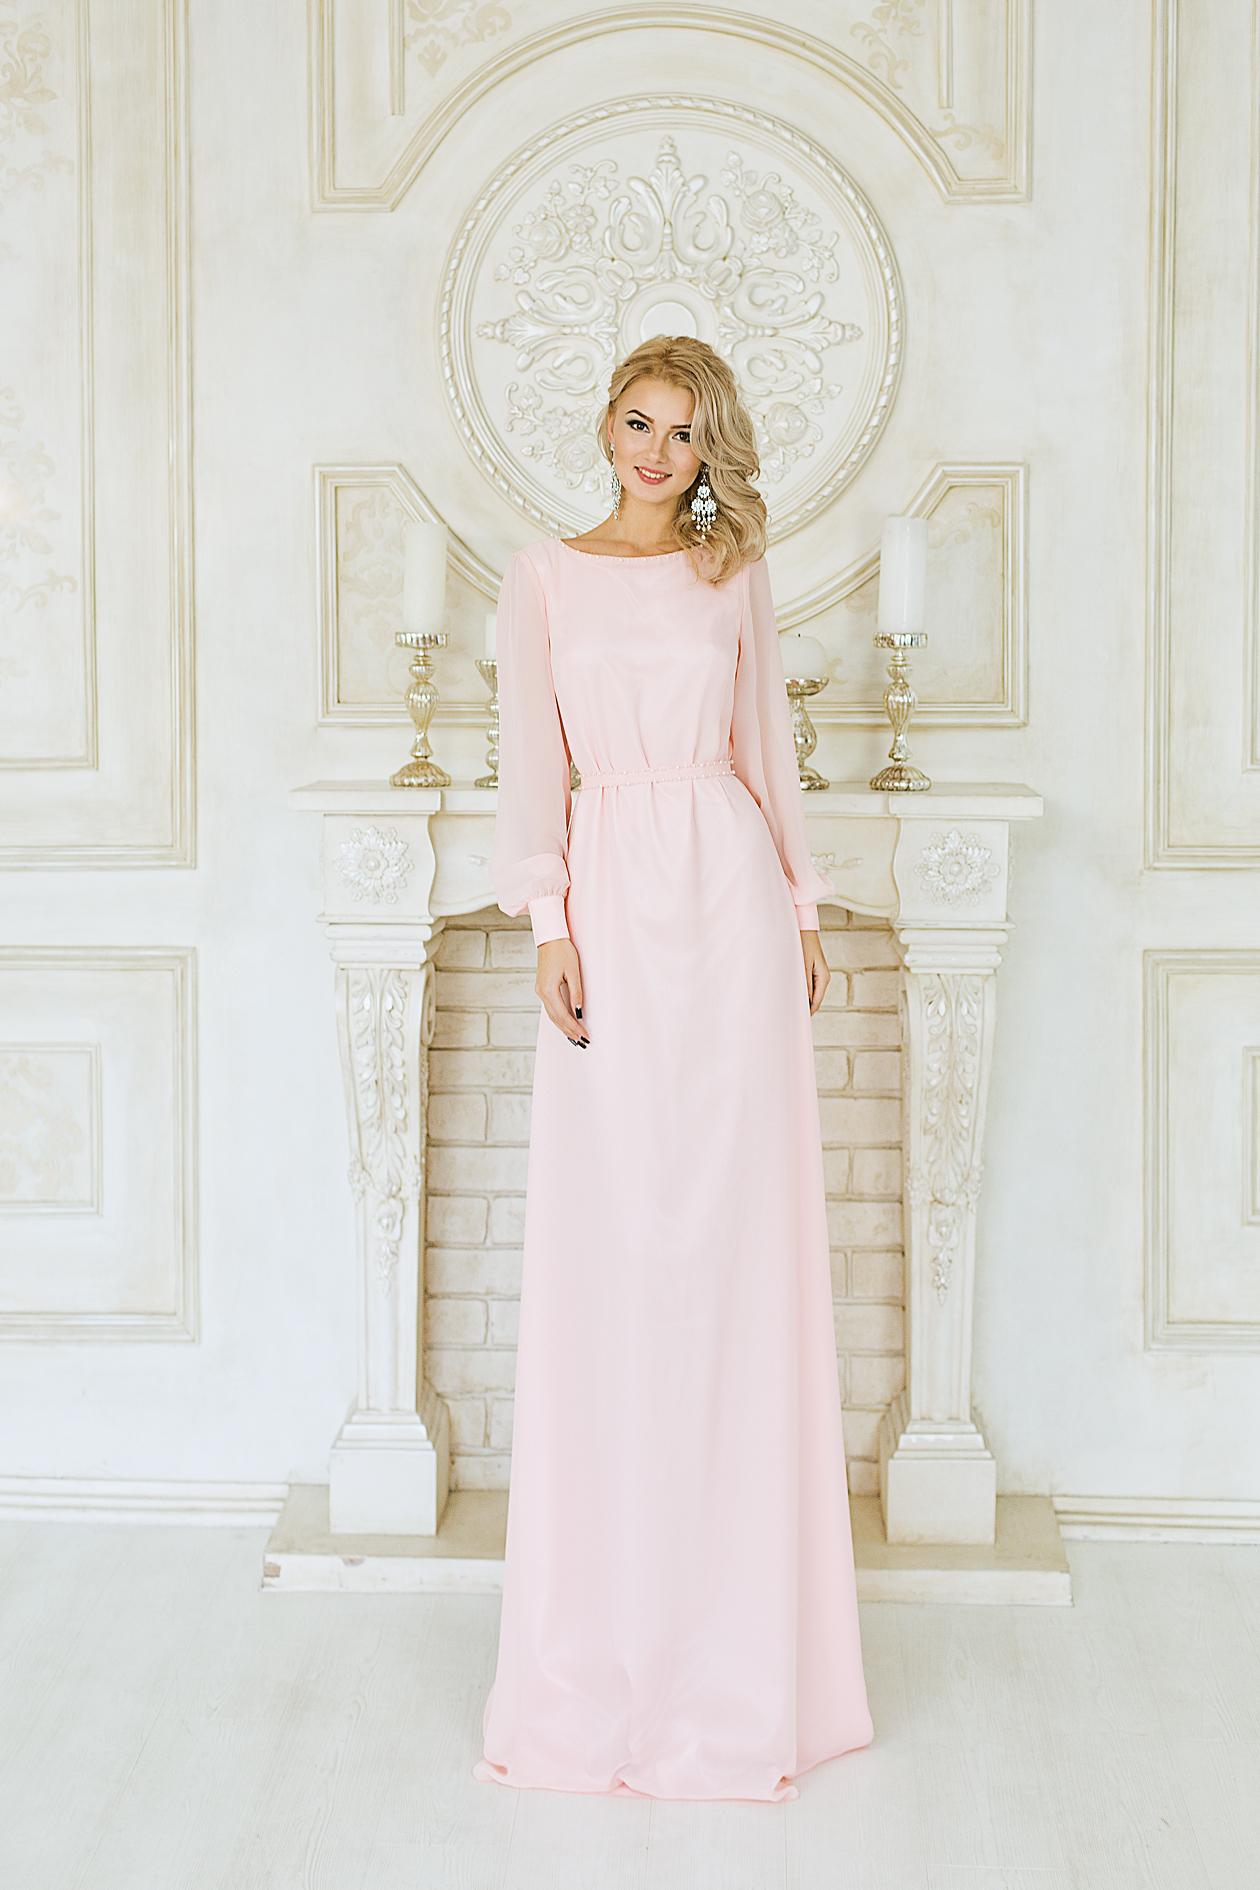 da19df0dae7 Нежное длинное платье с длинным рукавом и открытой спиной Image ...